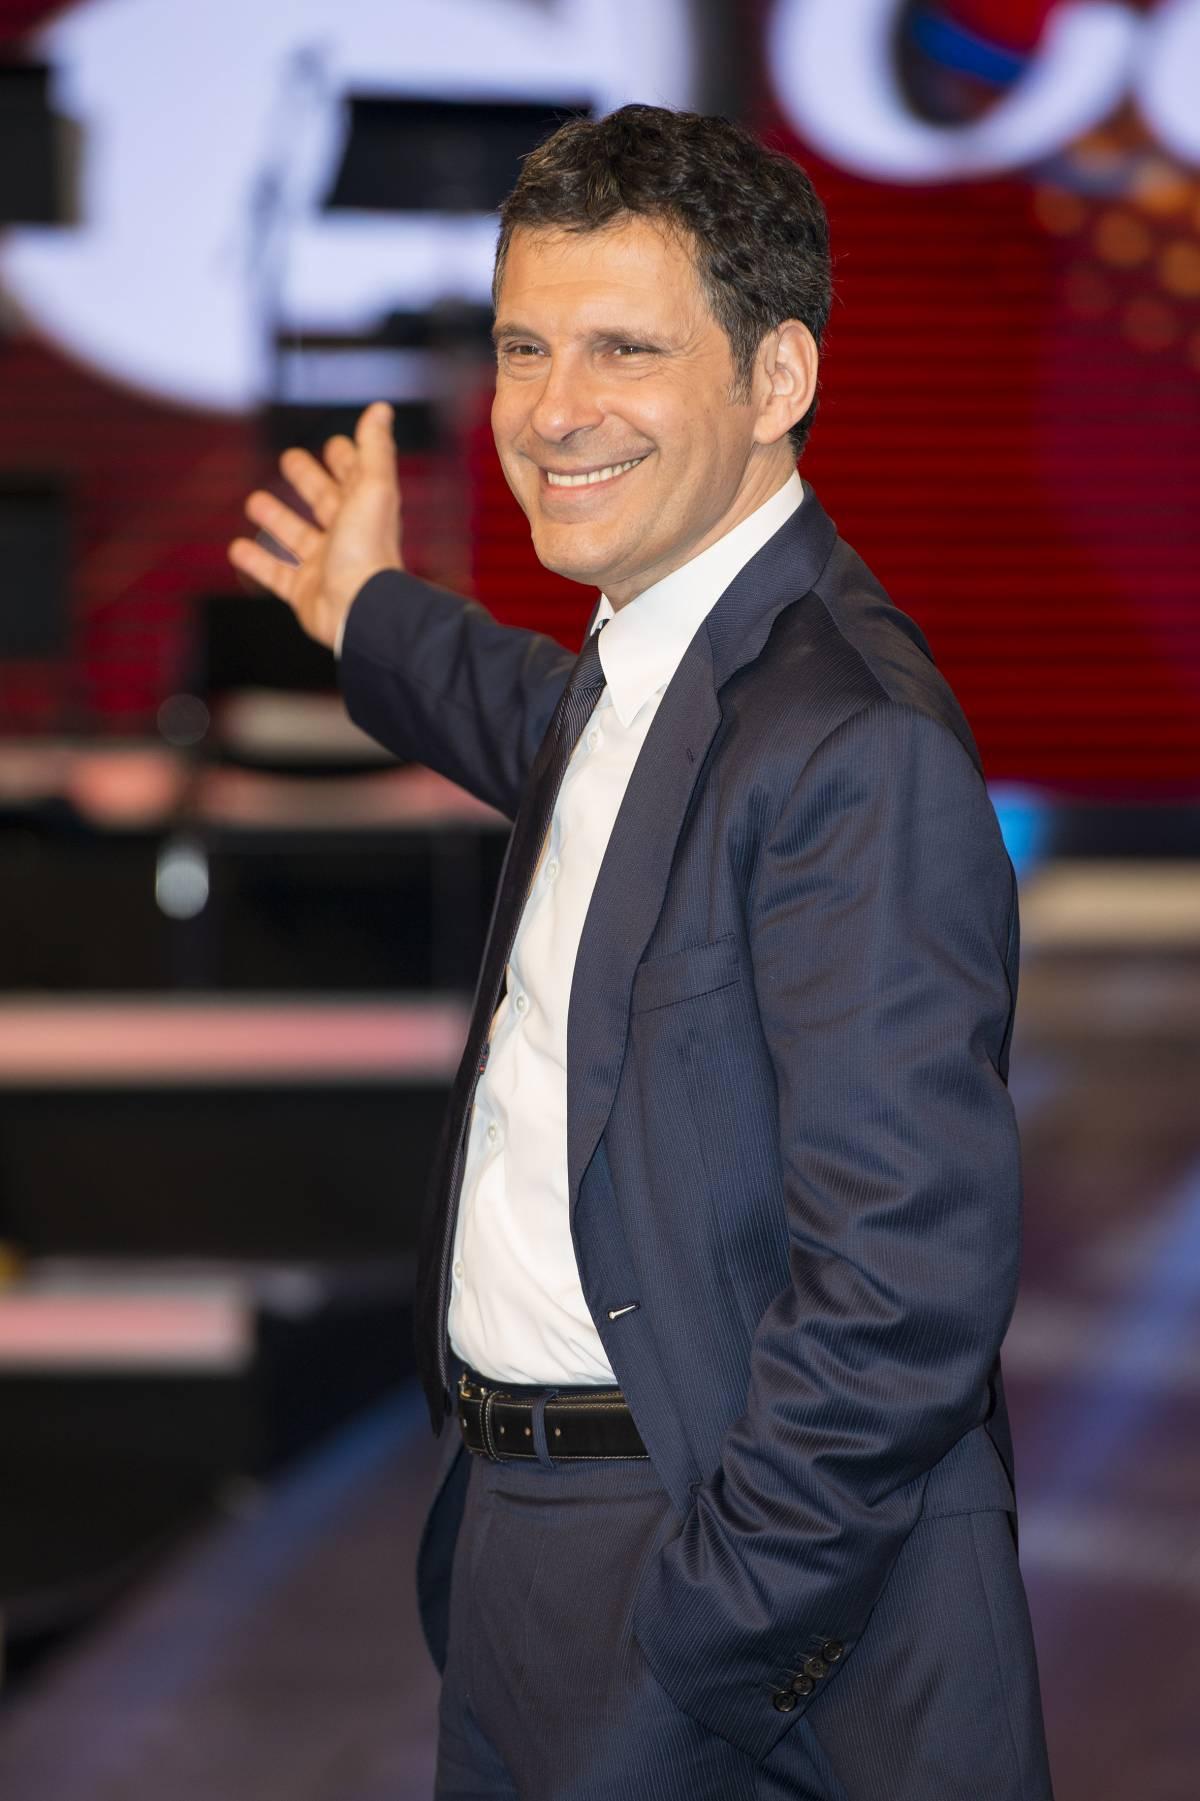 Ora torna l'Eredità in tv: Conti sostituisce Frizzi